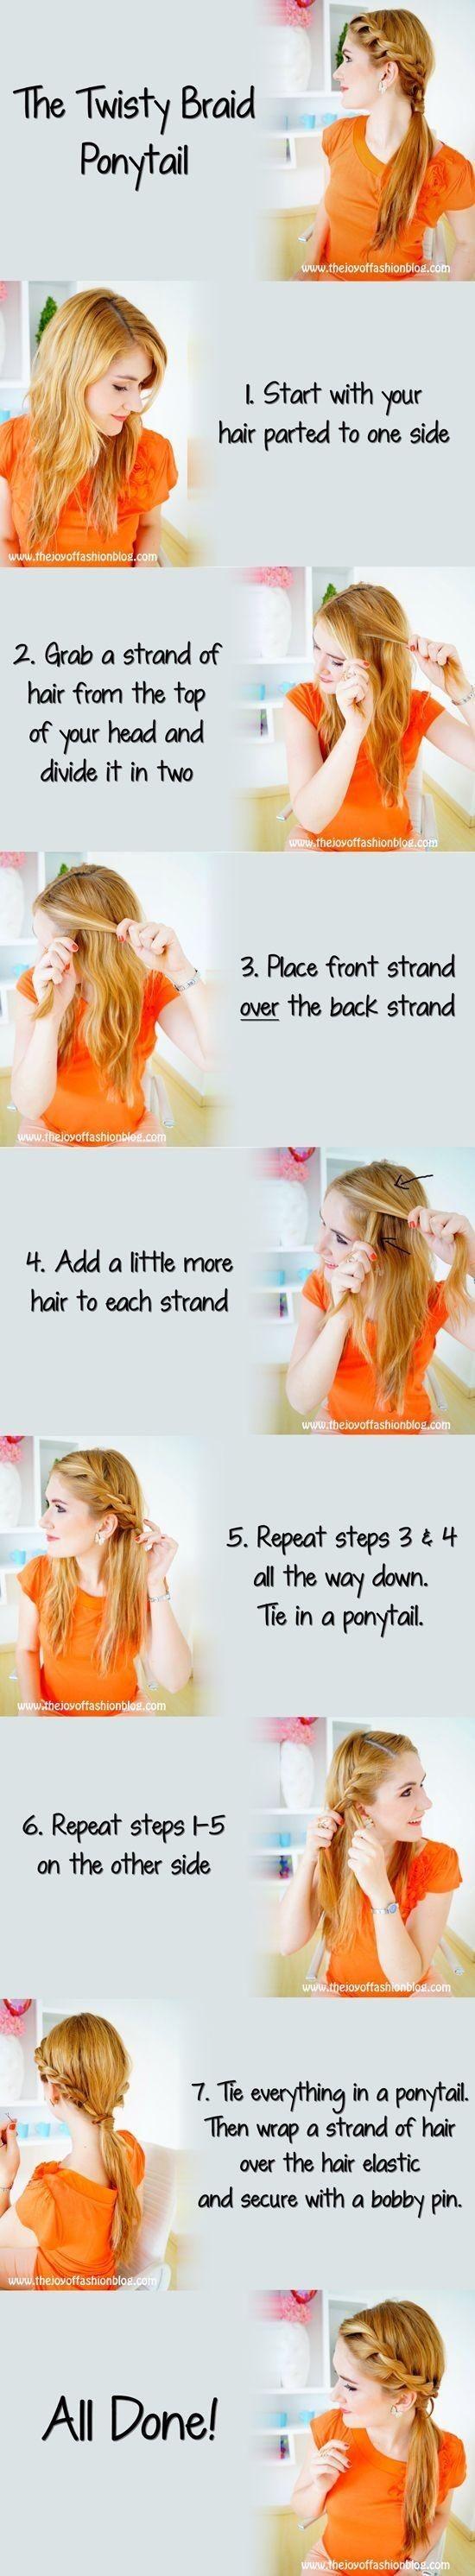 Summer Hairstyles Ideas 2014: Twisty Braid Ponytail Hair Style Tutorials